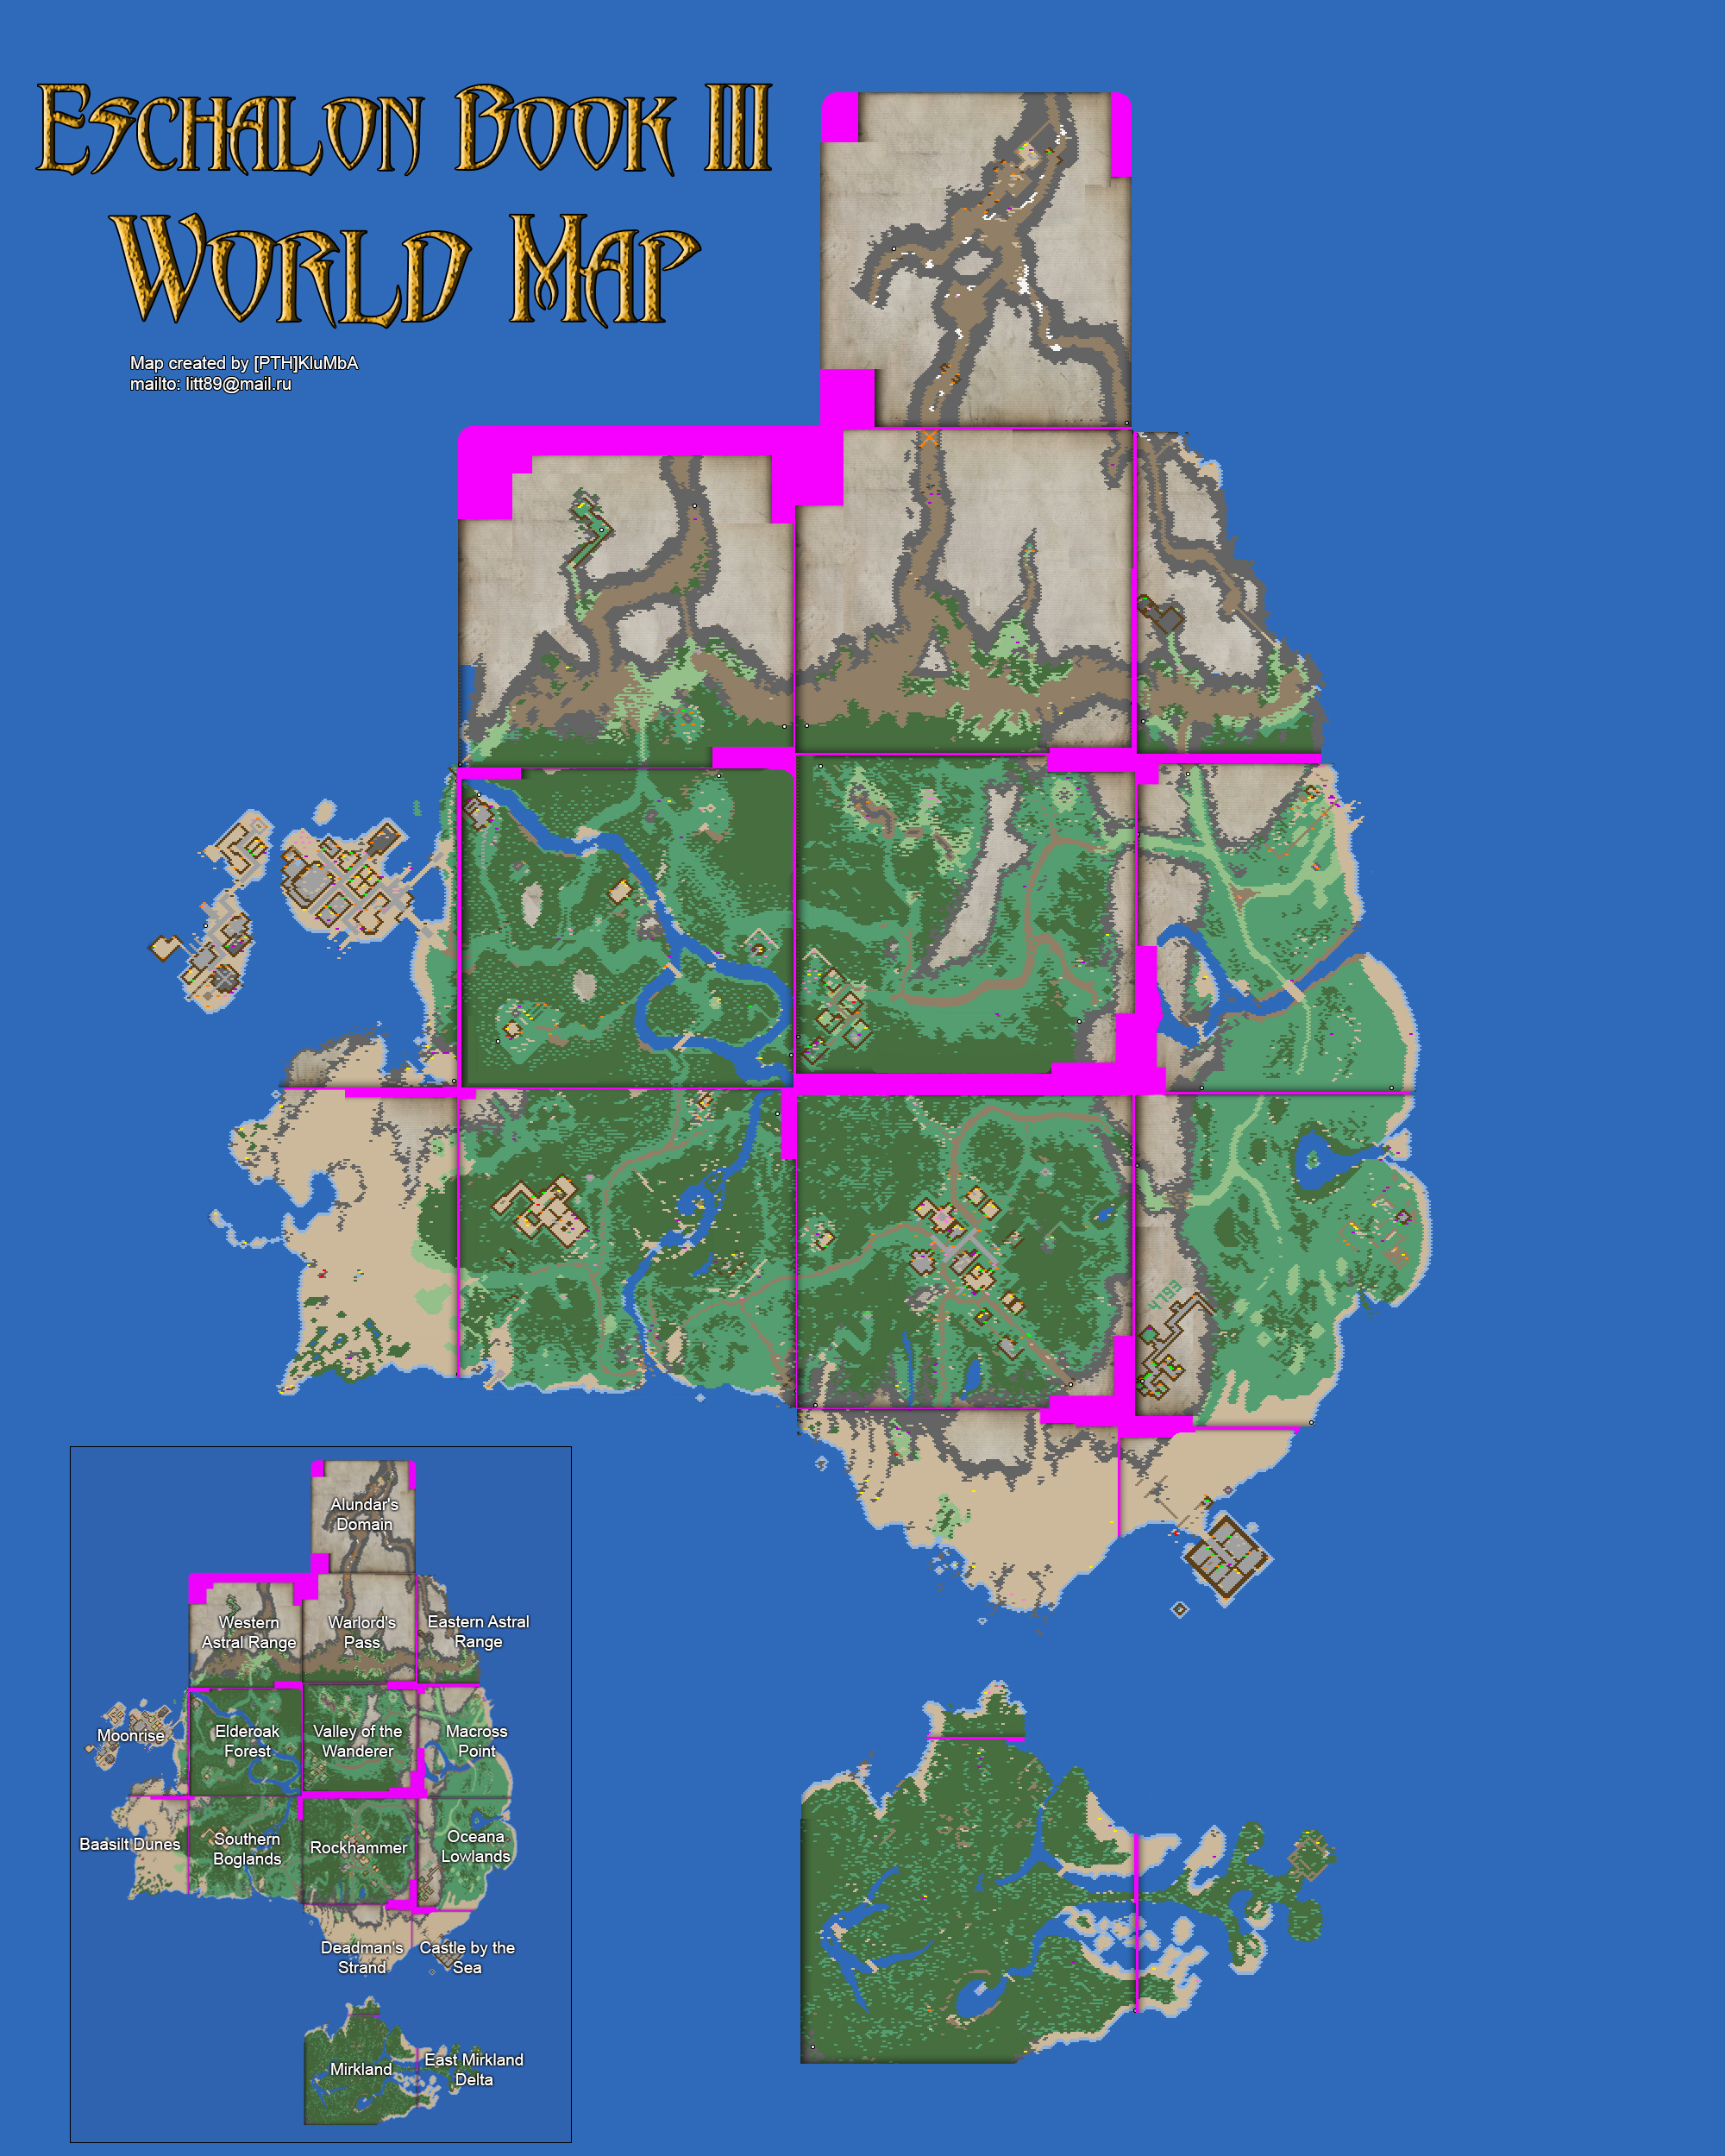 Eschalon book 3 world map eschalon rpg wiki fandom powered by wikia eschalon book 3 world map gumiabroncs Images